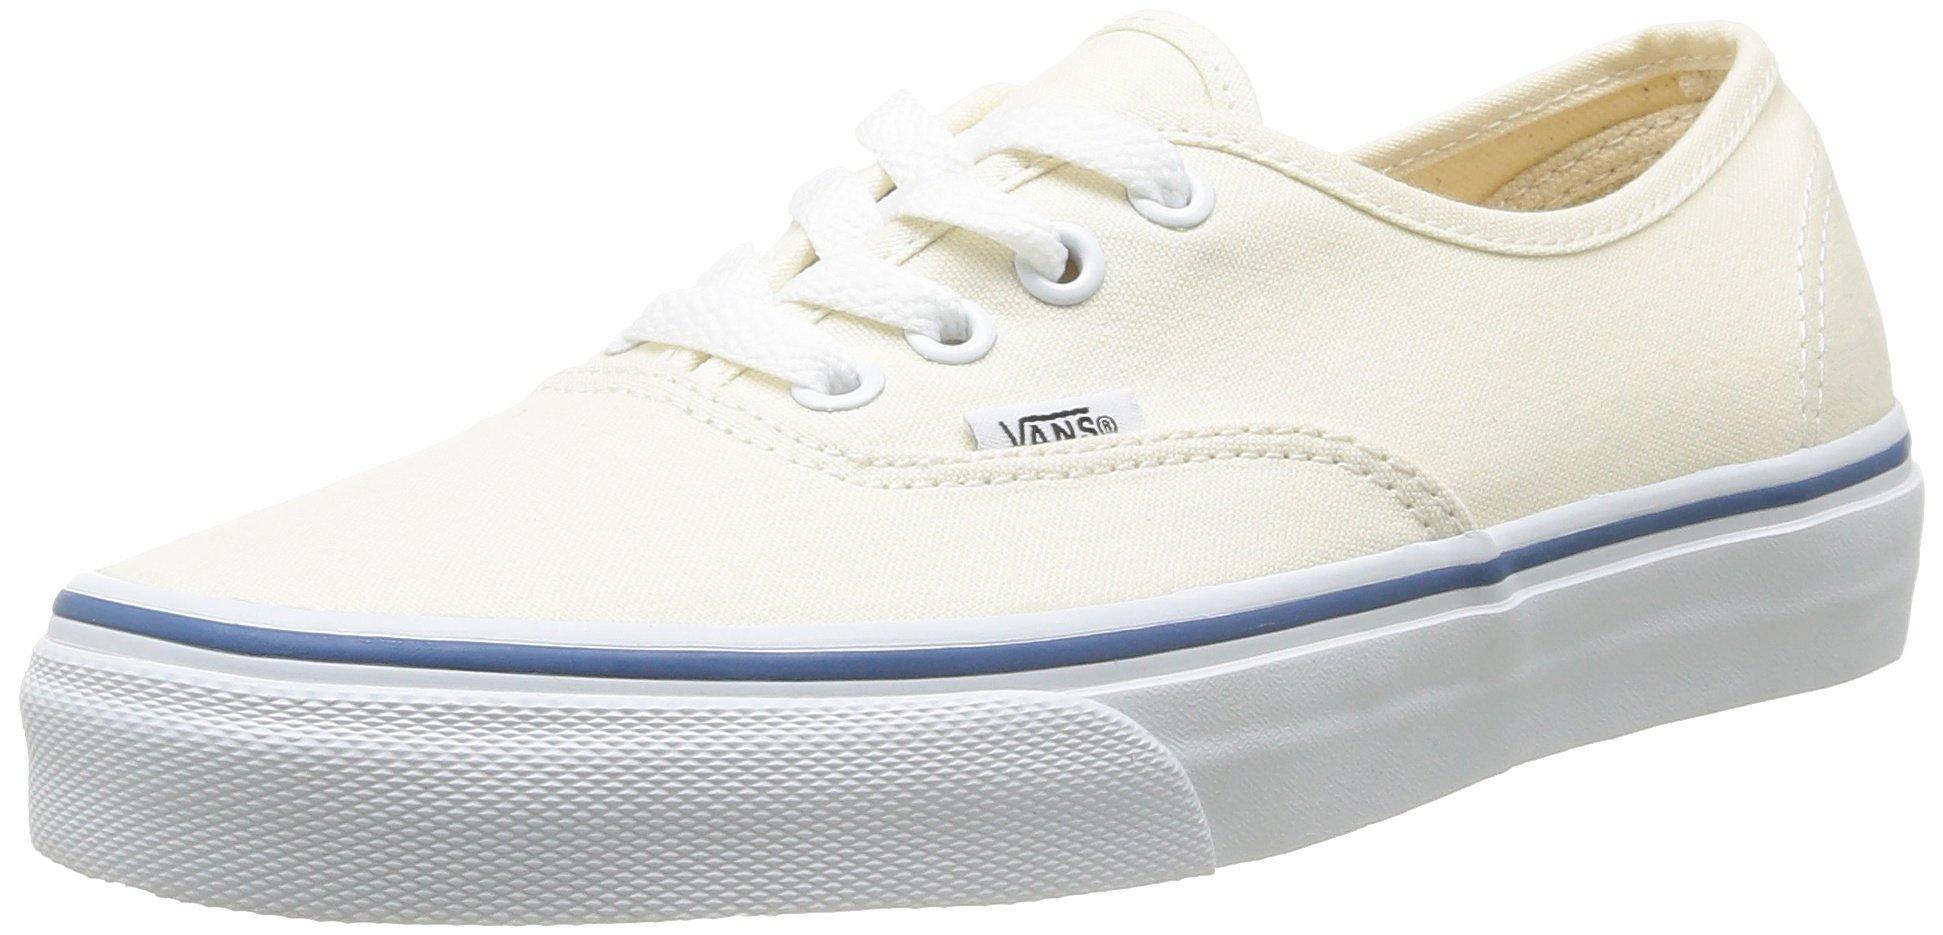 Vans Authentic(tm) Core Classics, White, Men's 6.5, Women's 8 Medium by Vans